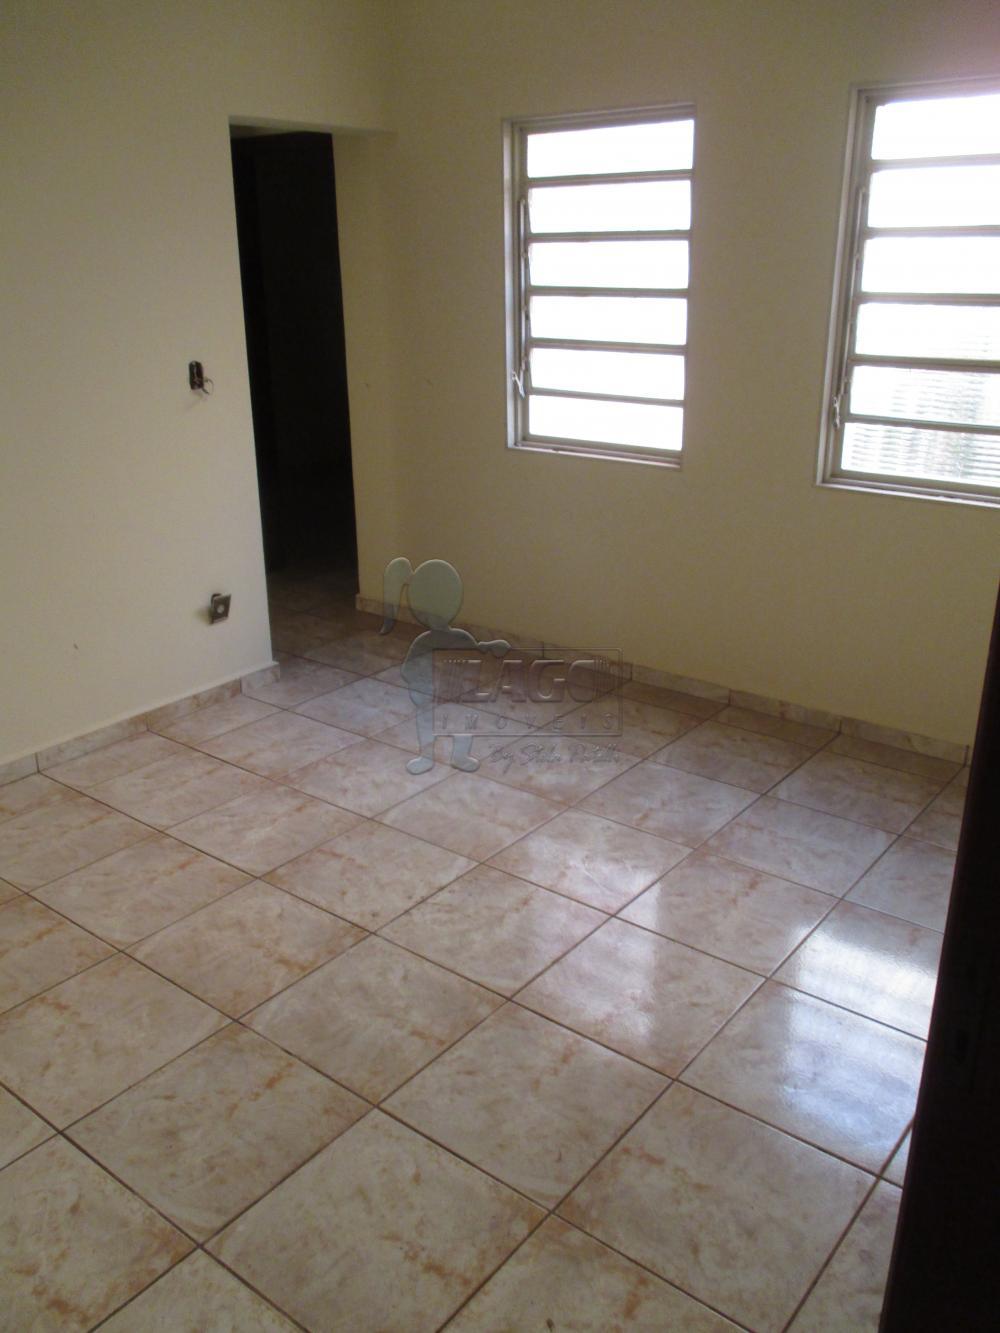 Alugar Casas / Padrão em Ribeirão Preto apenas R$ 2.200,00 - Foto 19